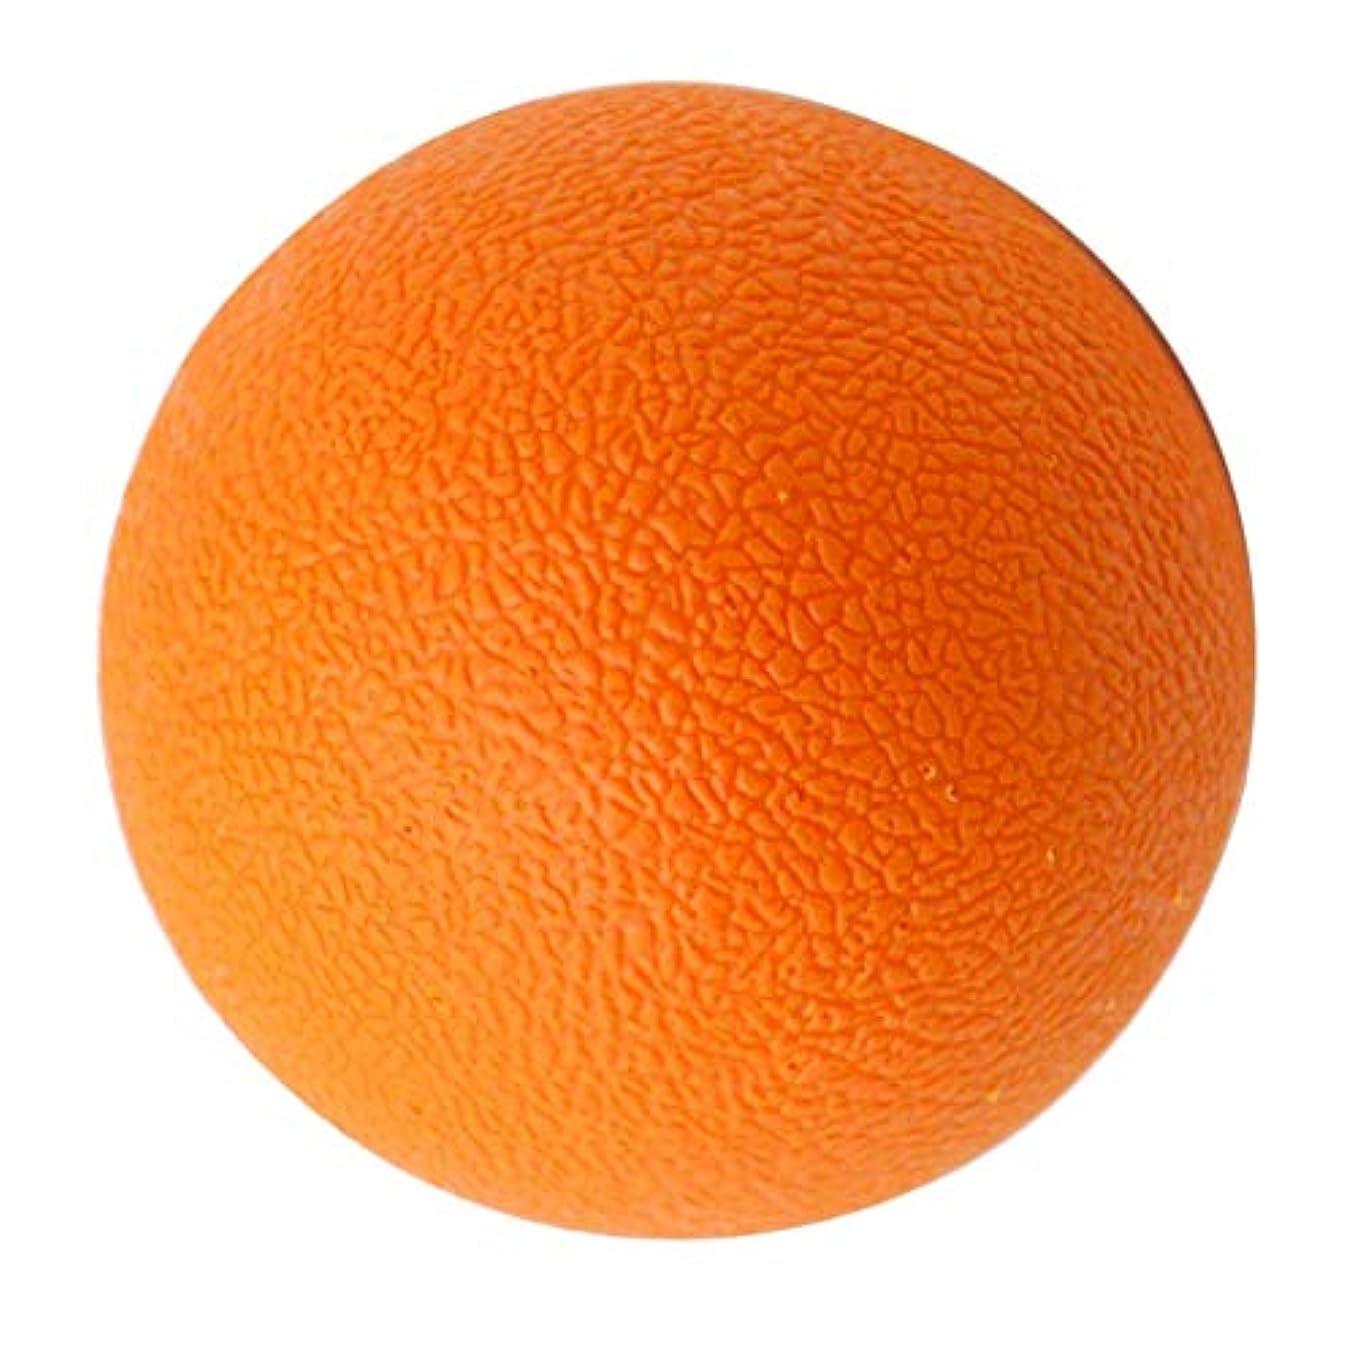 憂鬱プロポーショナル苦行CUTICATE ラクロスボール マッサージボール トリガーポイント 筋膜リリース 腕、首、背中 解消 オレンジ